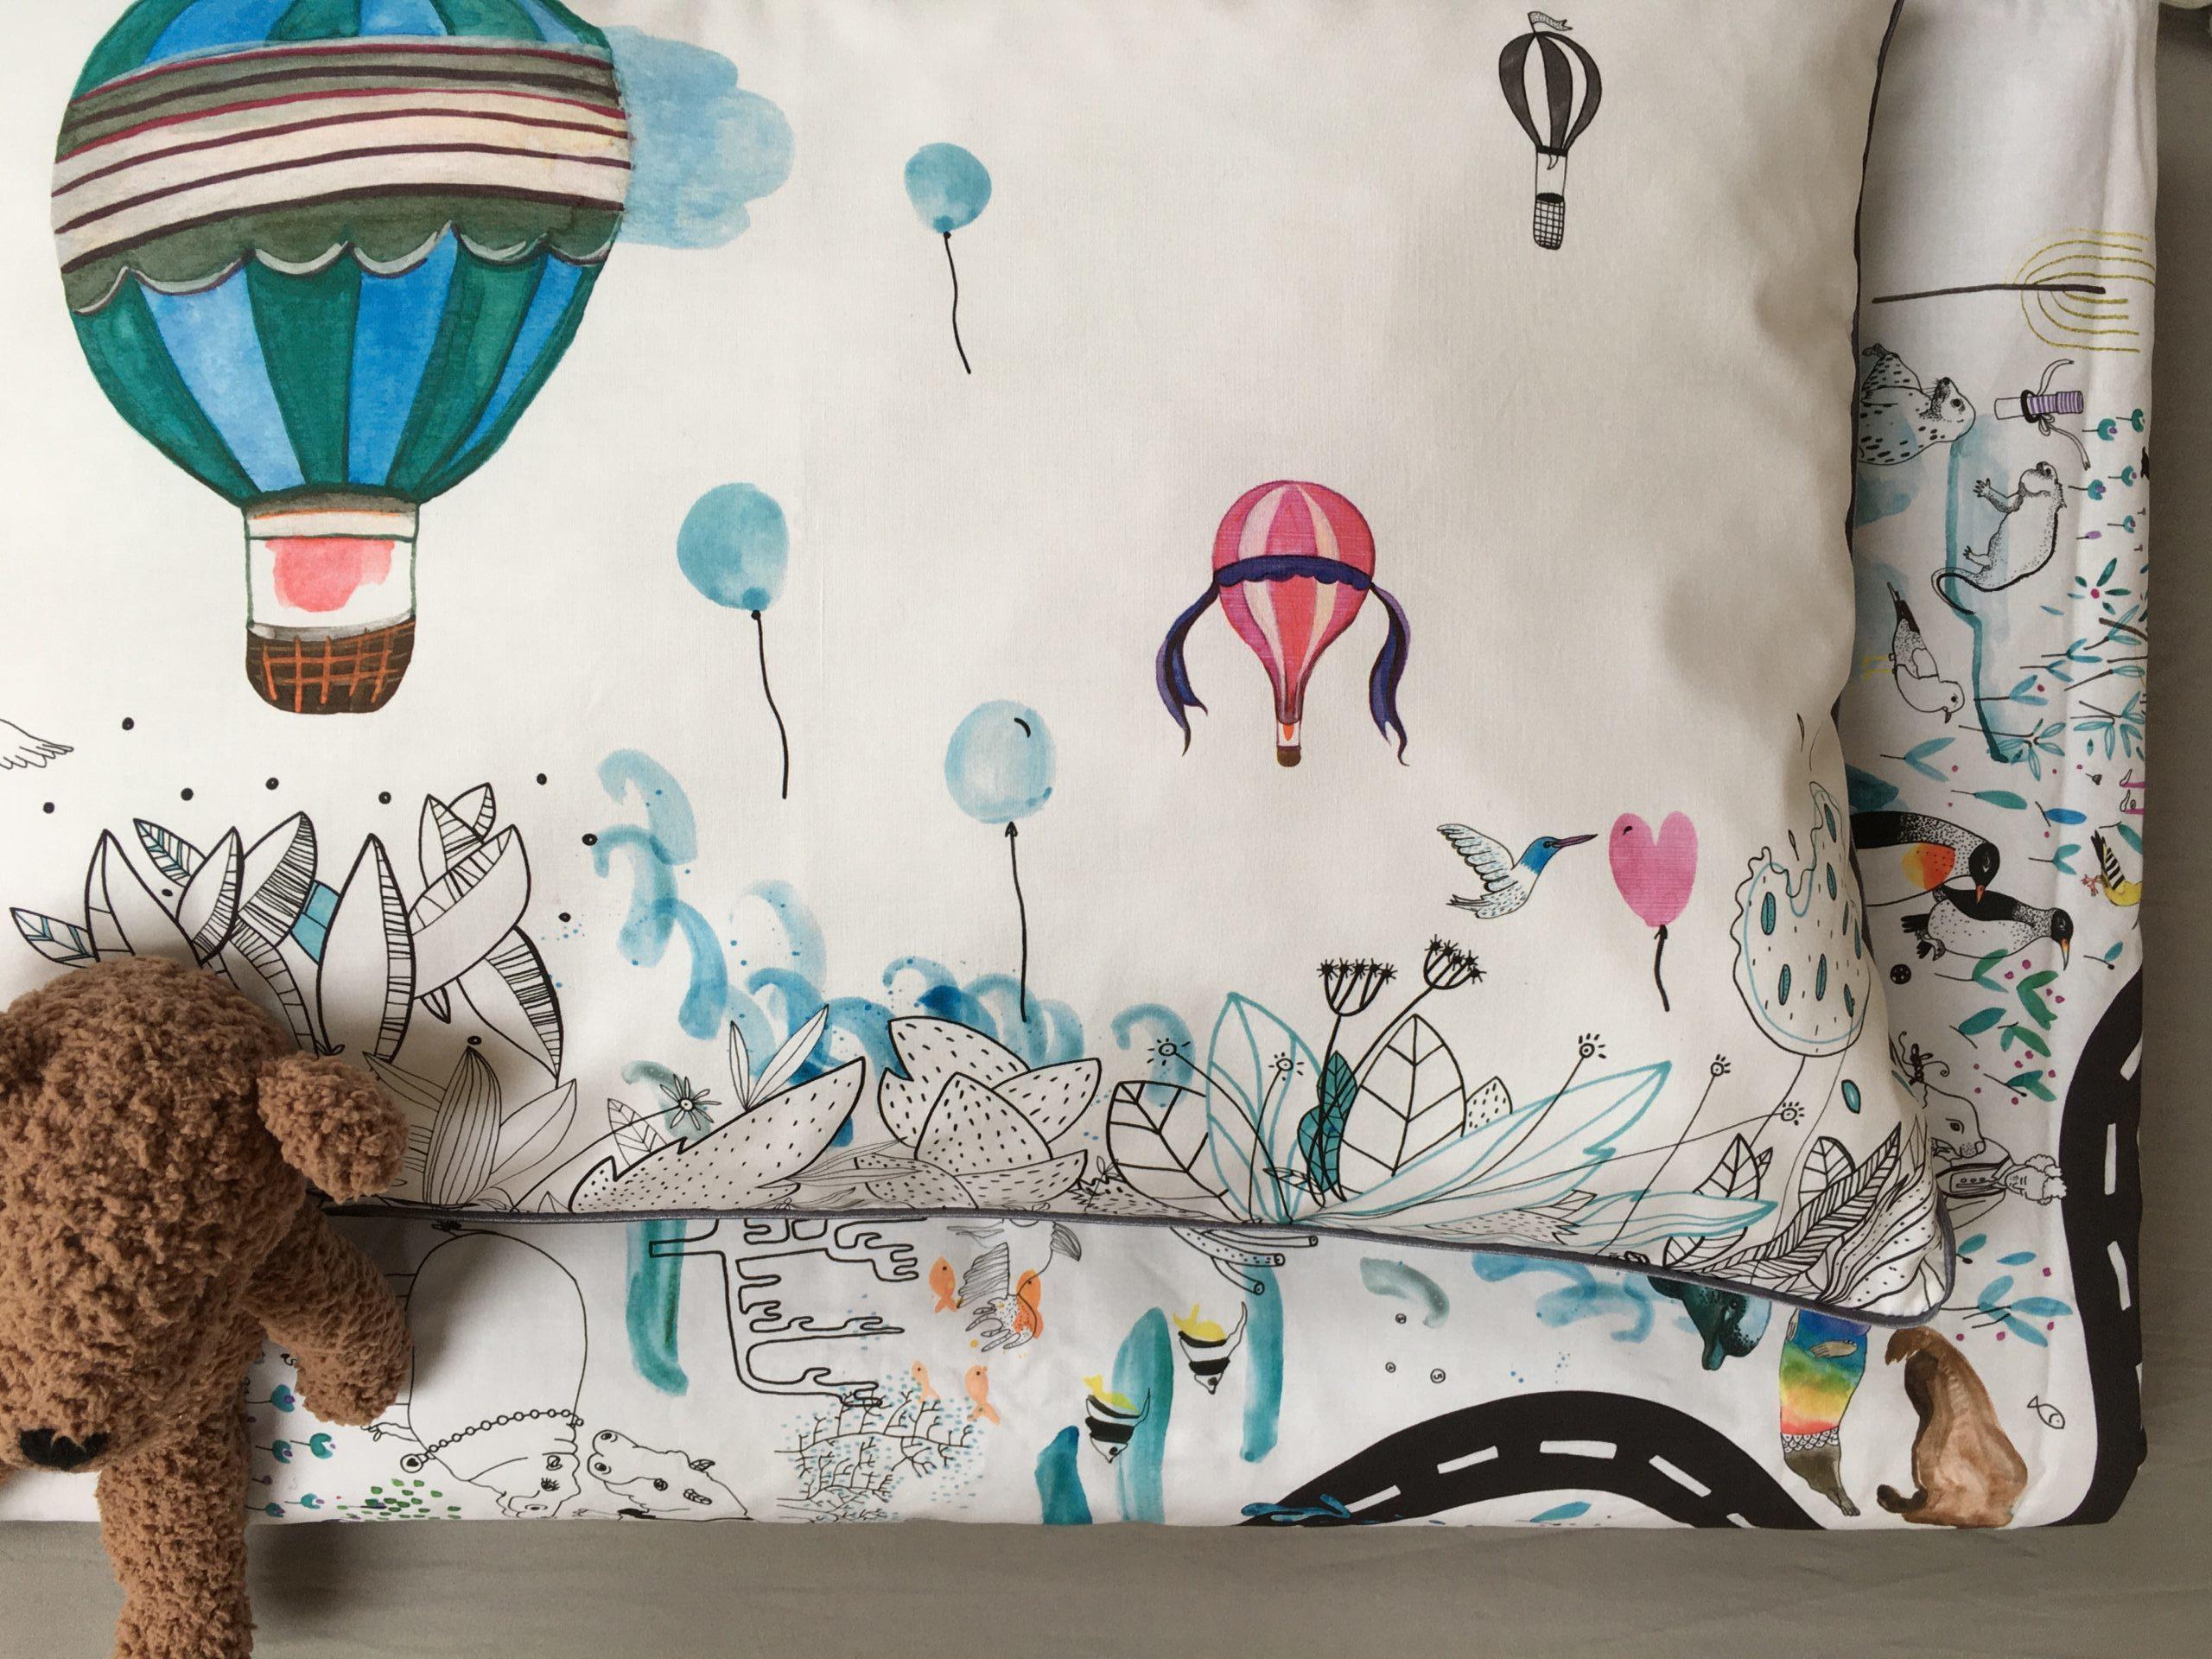 pościel dla dzieci z wypełnieniem w baloniki i zwierzęta, biała z kolorowymi akcentami